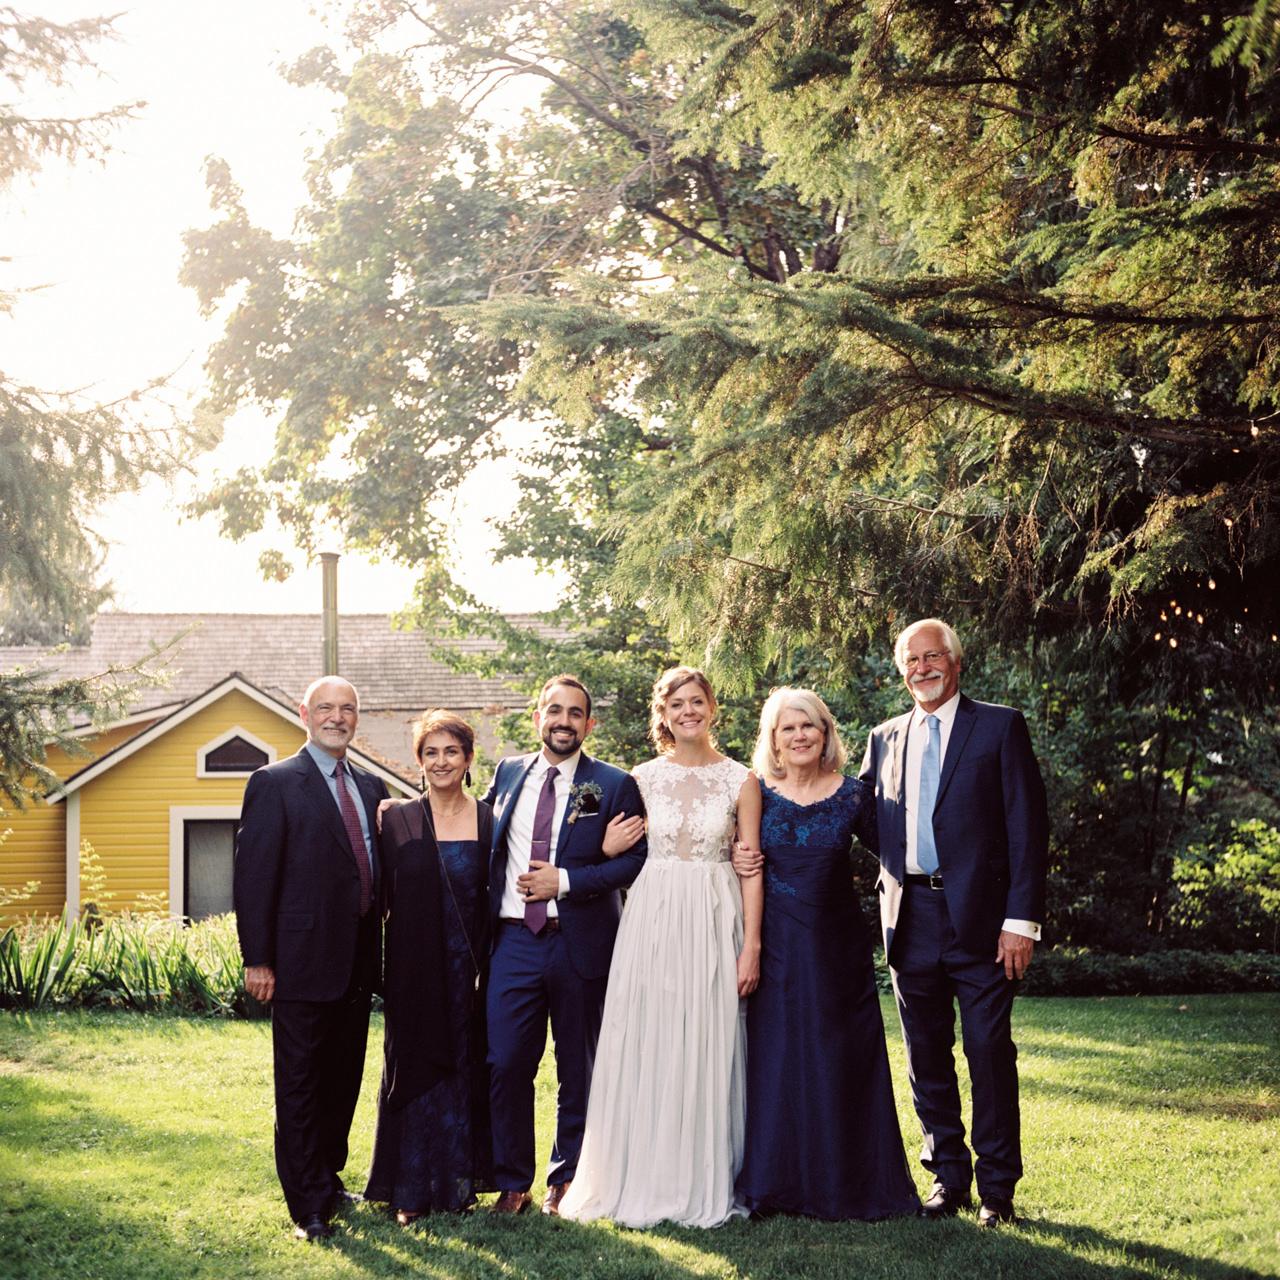 mt-hood-organic-farms-film-wedding-19.jpg